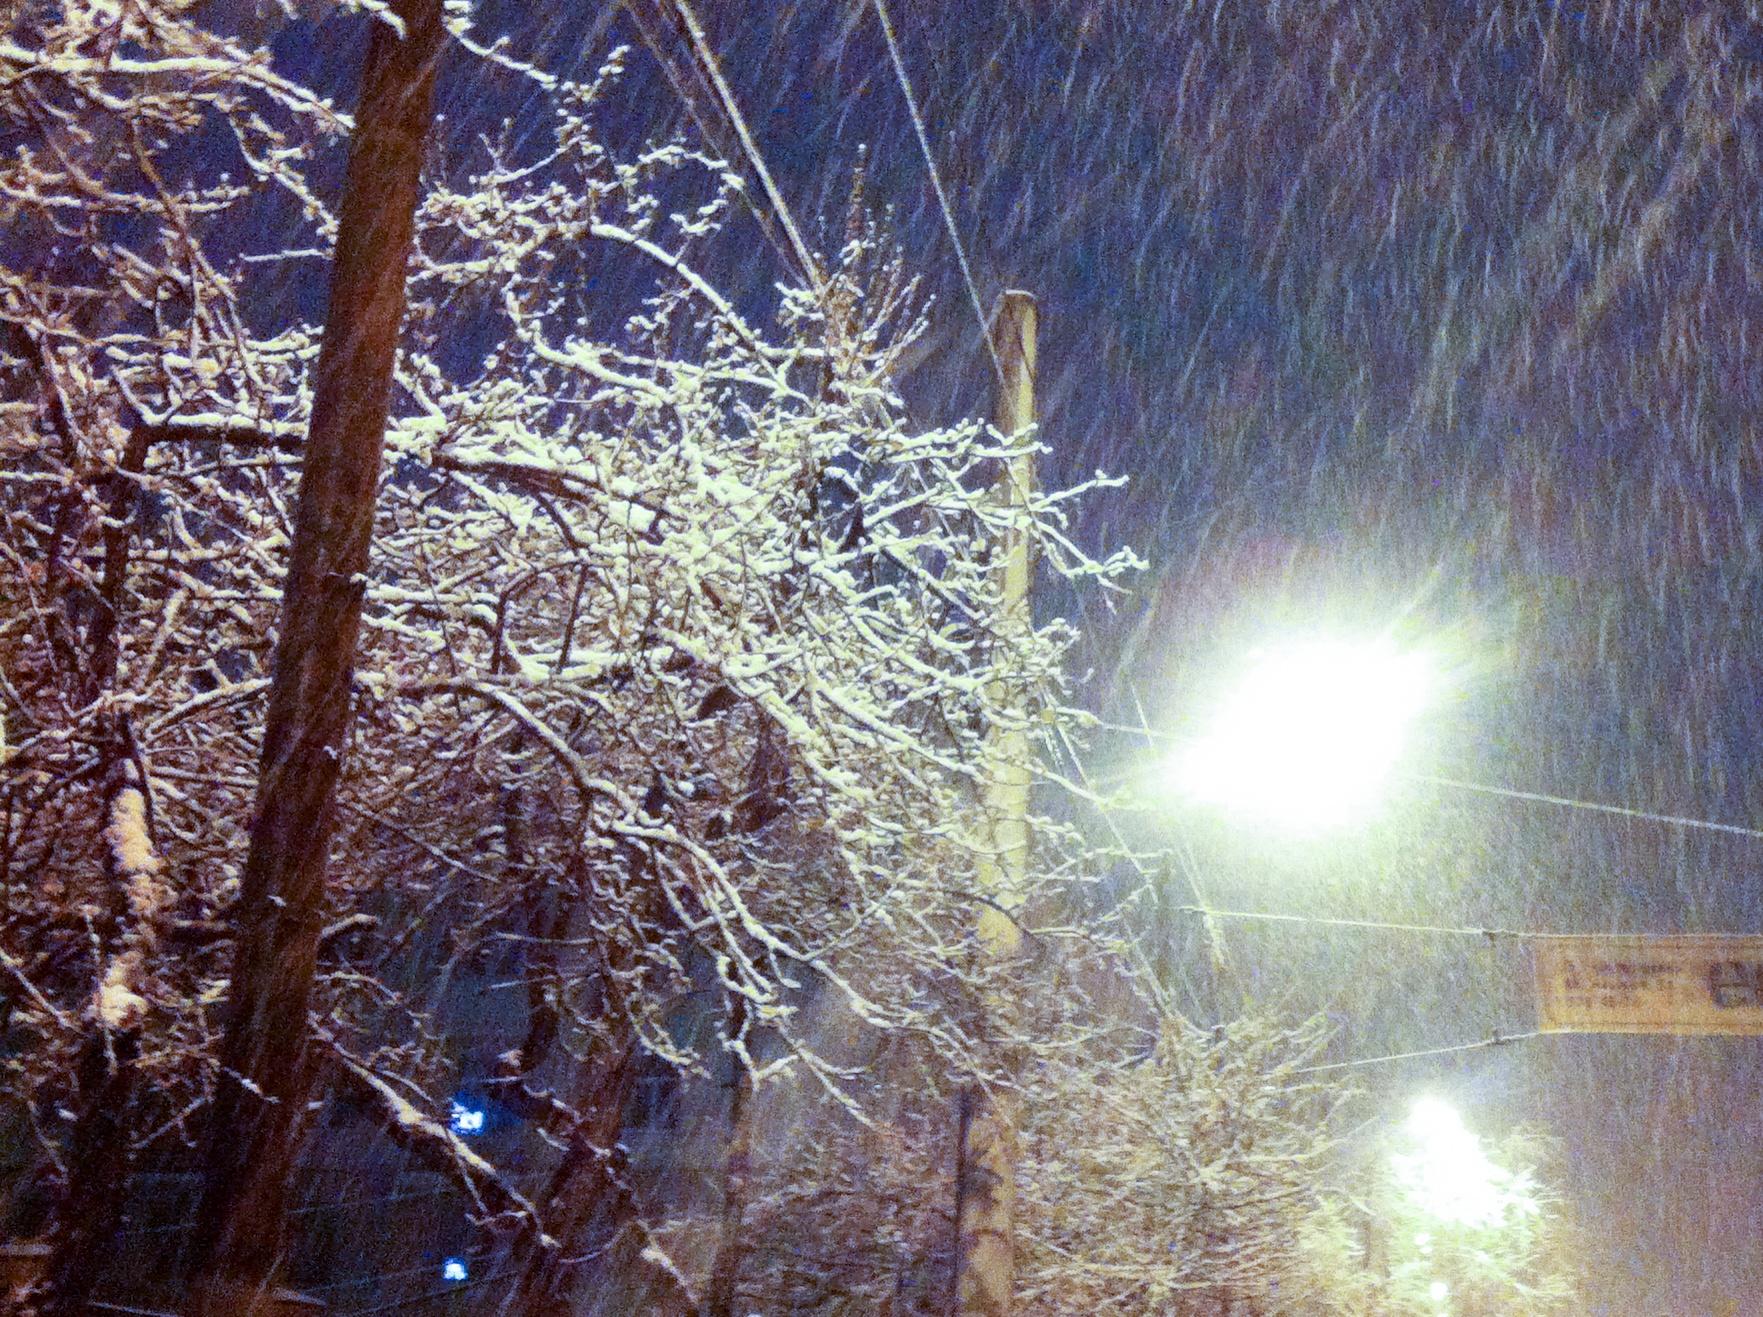 Традиционный майский снег в Екатеринбурге, фото Уралнаш